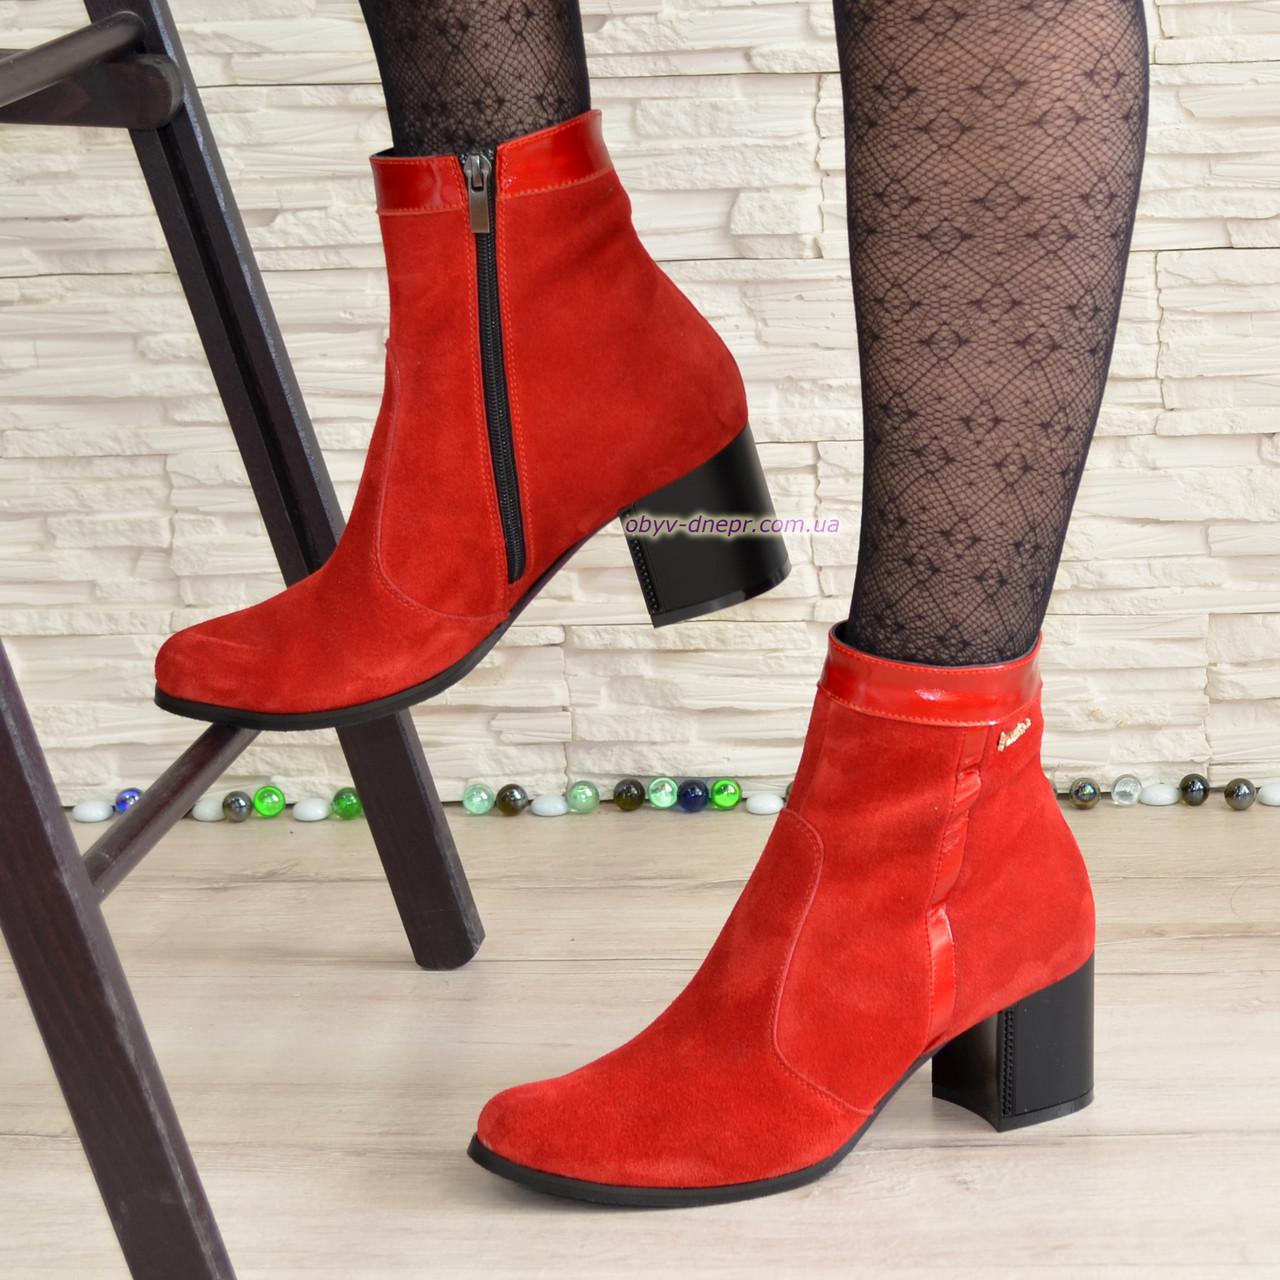 Ботинки женские демисезонные на невысоком каблуке, натуральная замша и лак красного цвета